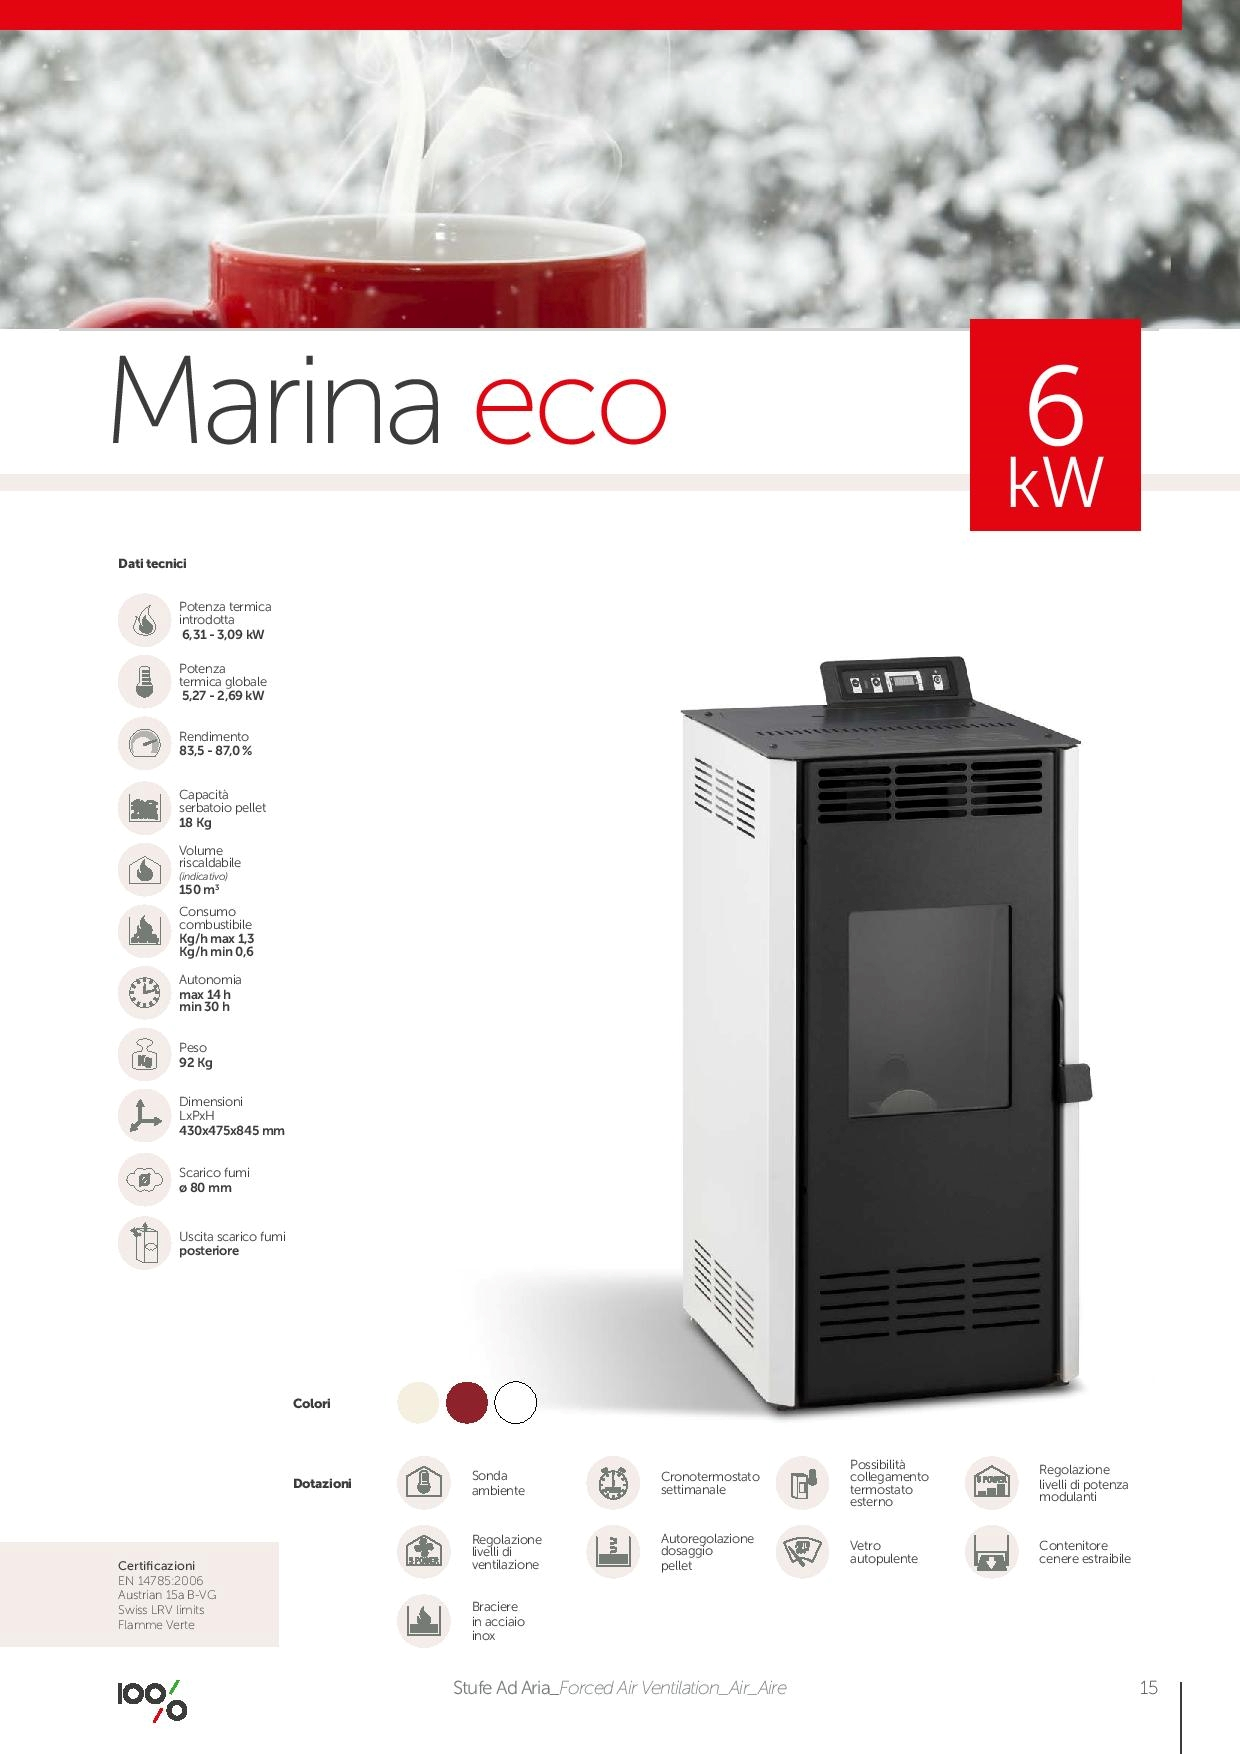 Ambiente calore stufa marina eco 6kw scontato del 65 stufe a prezzi scontati - Mobilbagno ozzano ...